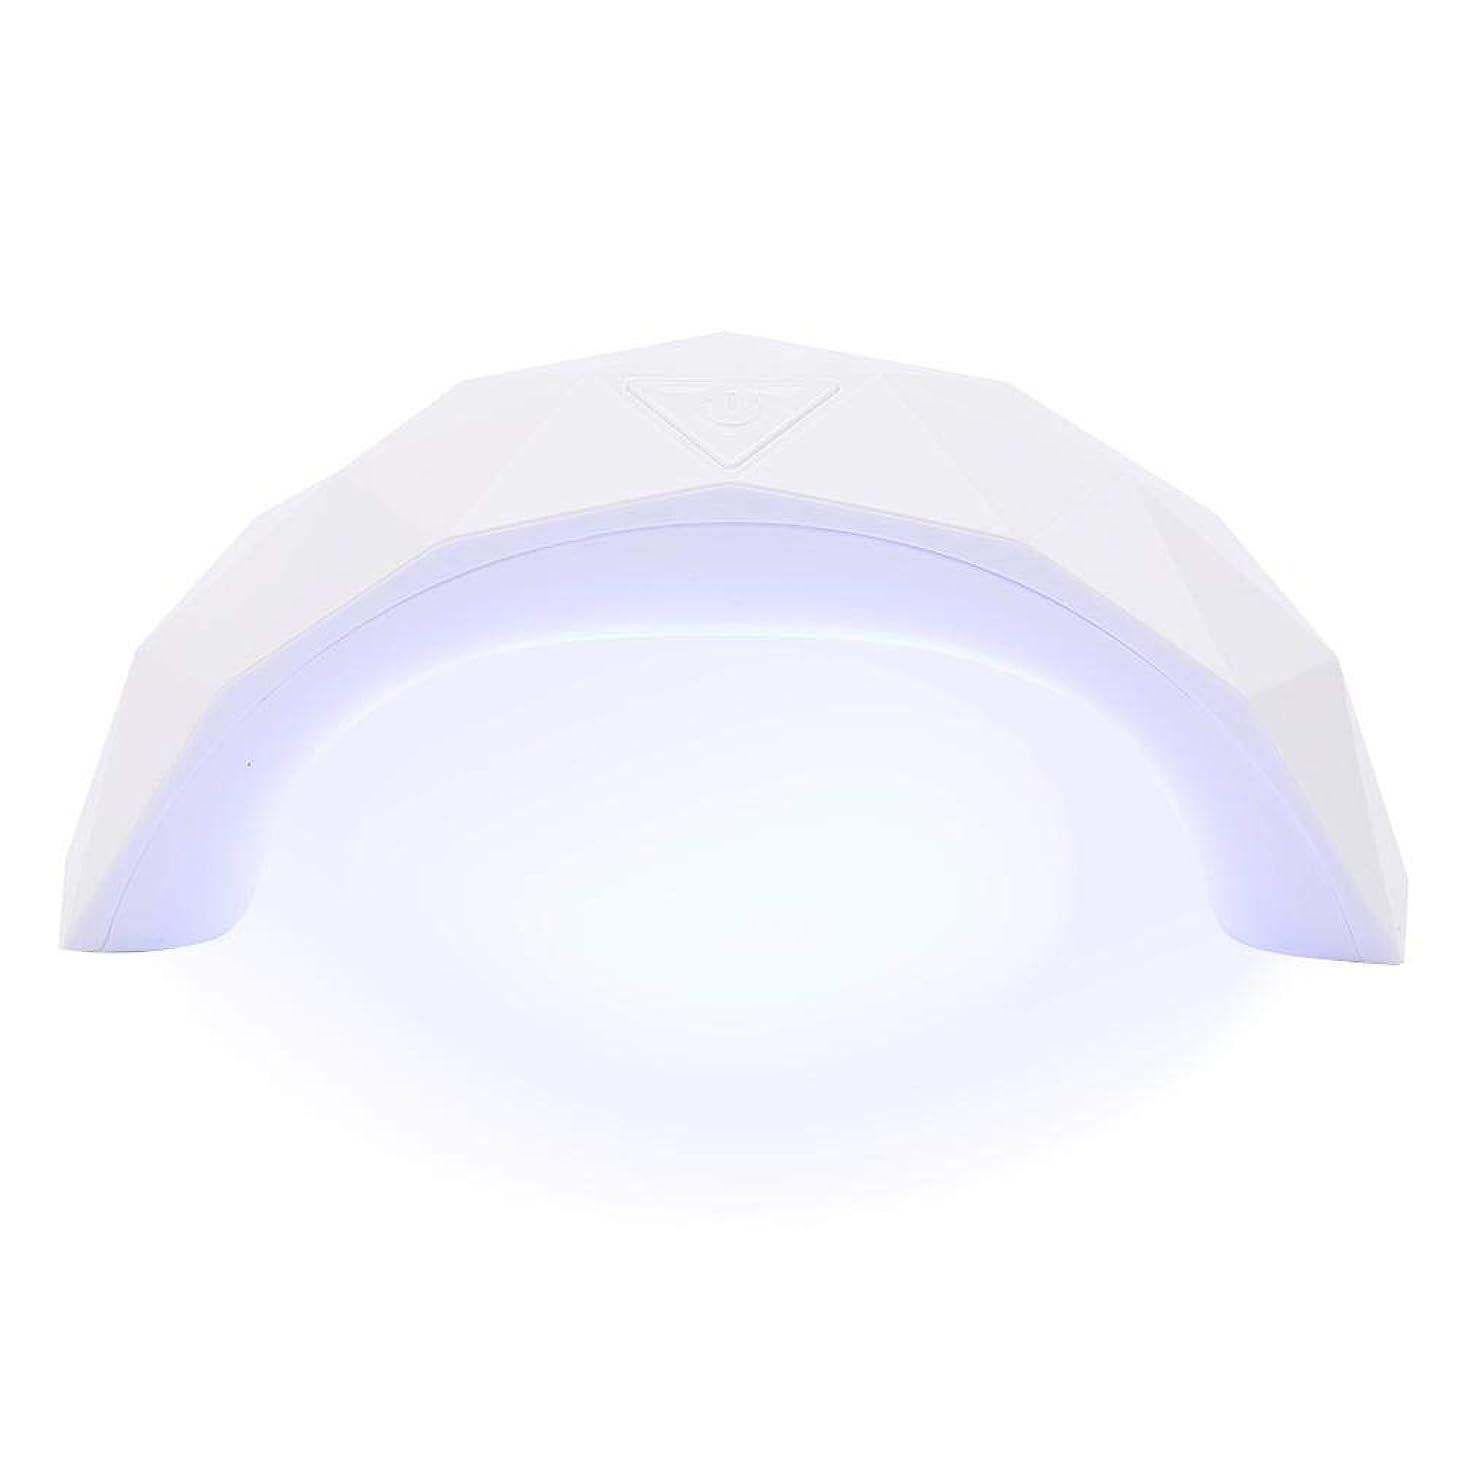 仕事に行くペパーミント長方形硬化用ライト 9W  LED UV ネイルドライヤー 赤外線美白機能付き スマートライトミニ